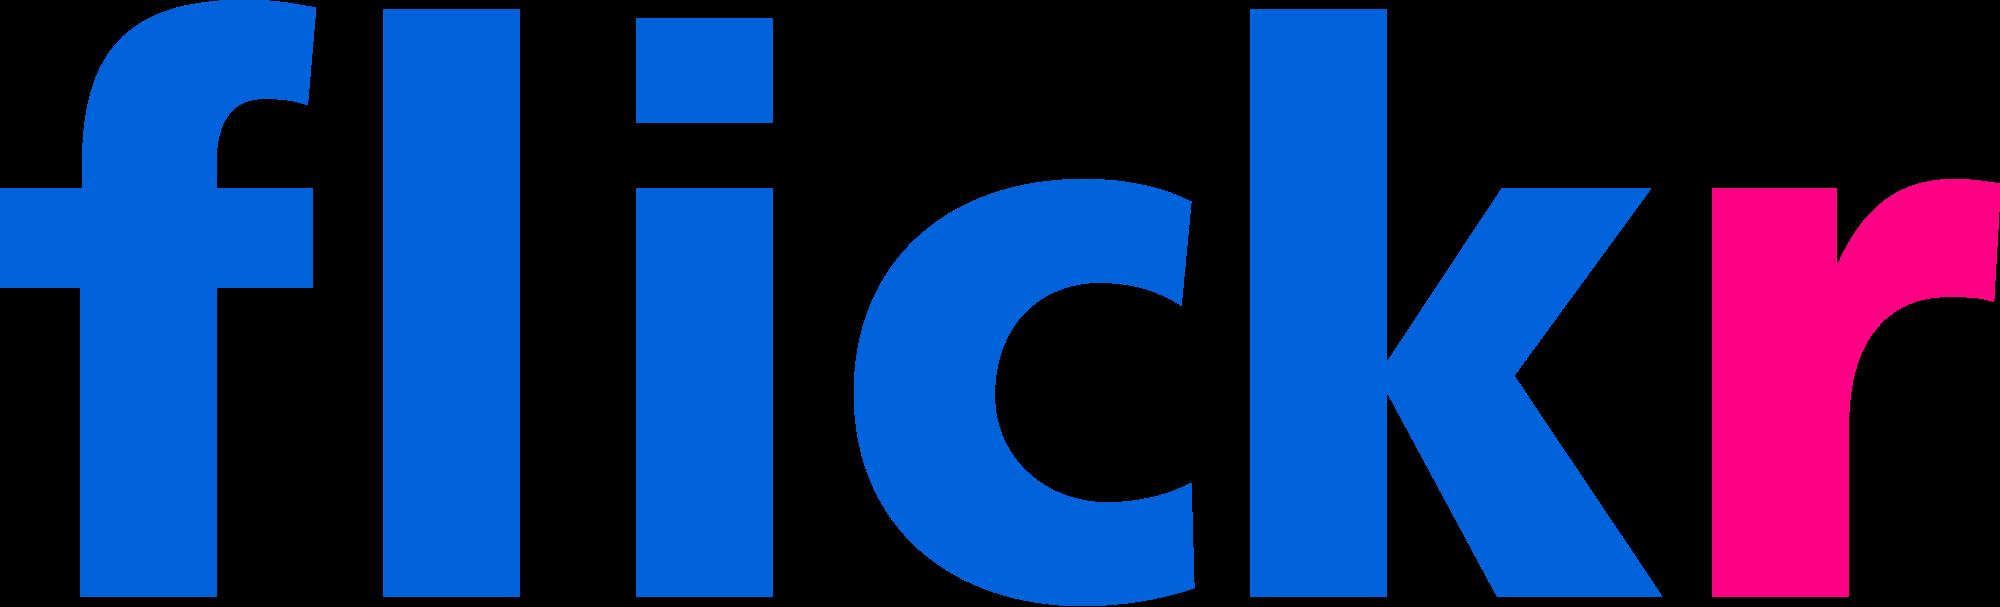 Flickr cumple 10 años